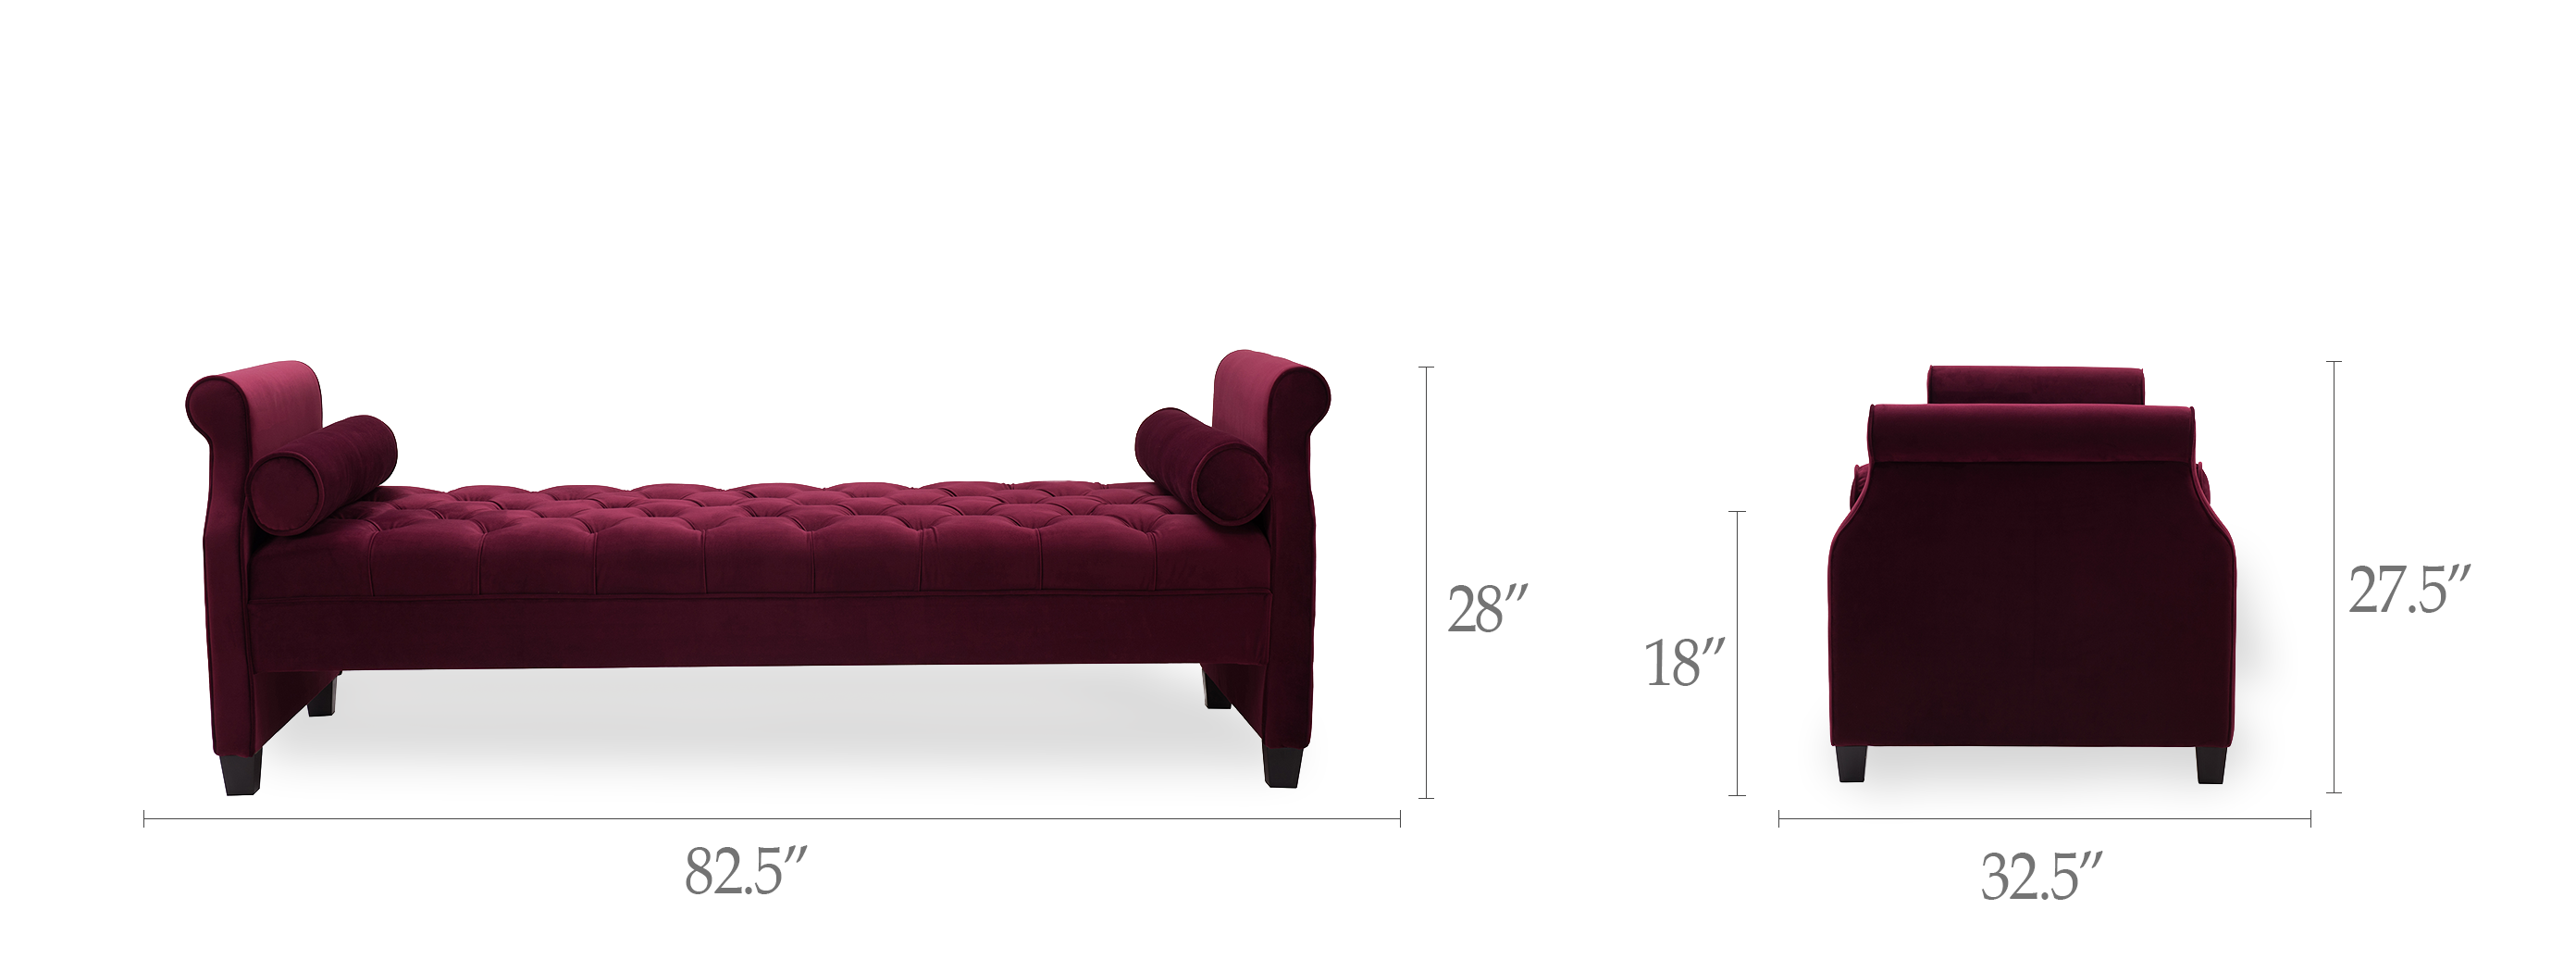 Eliza Upholstered Sofa Bed